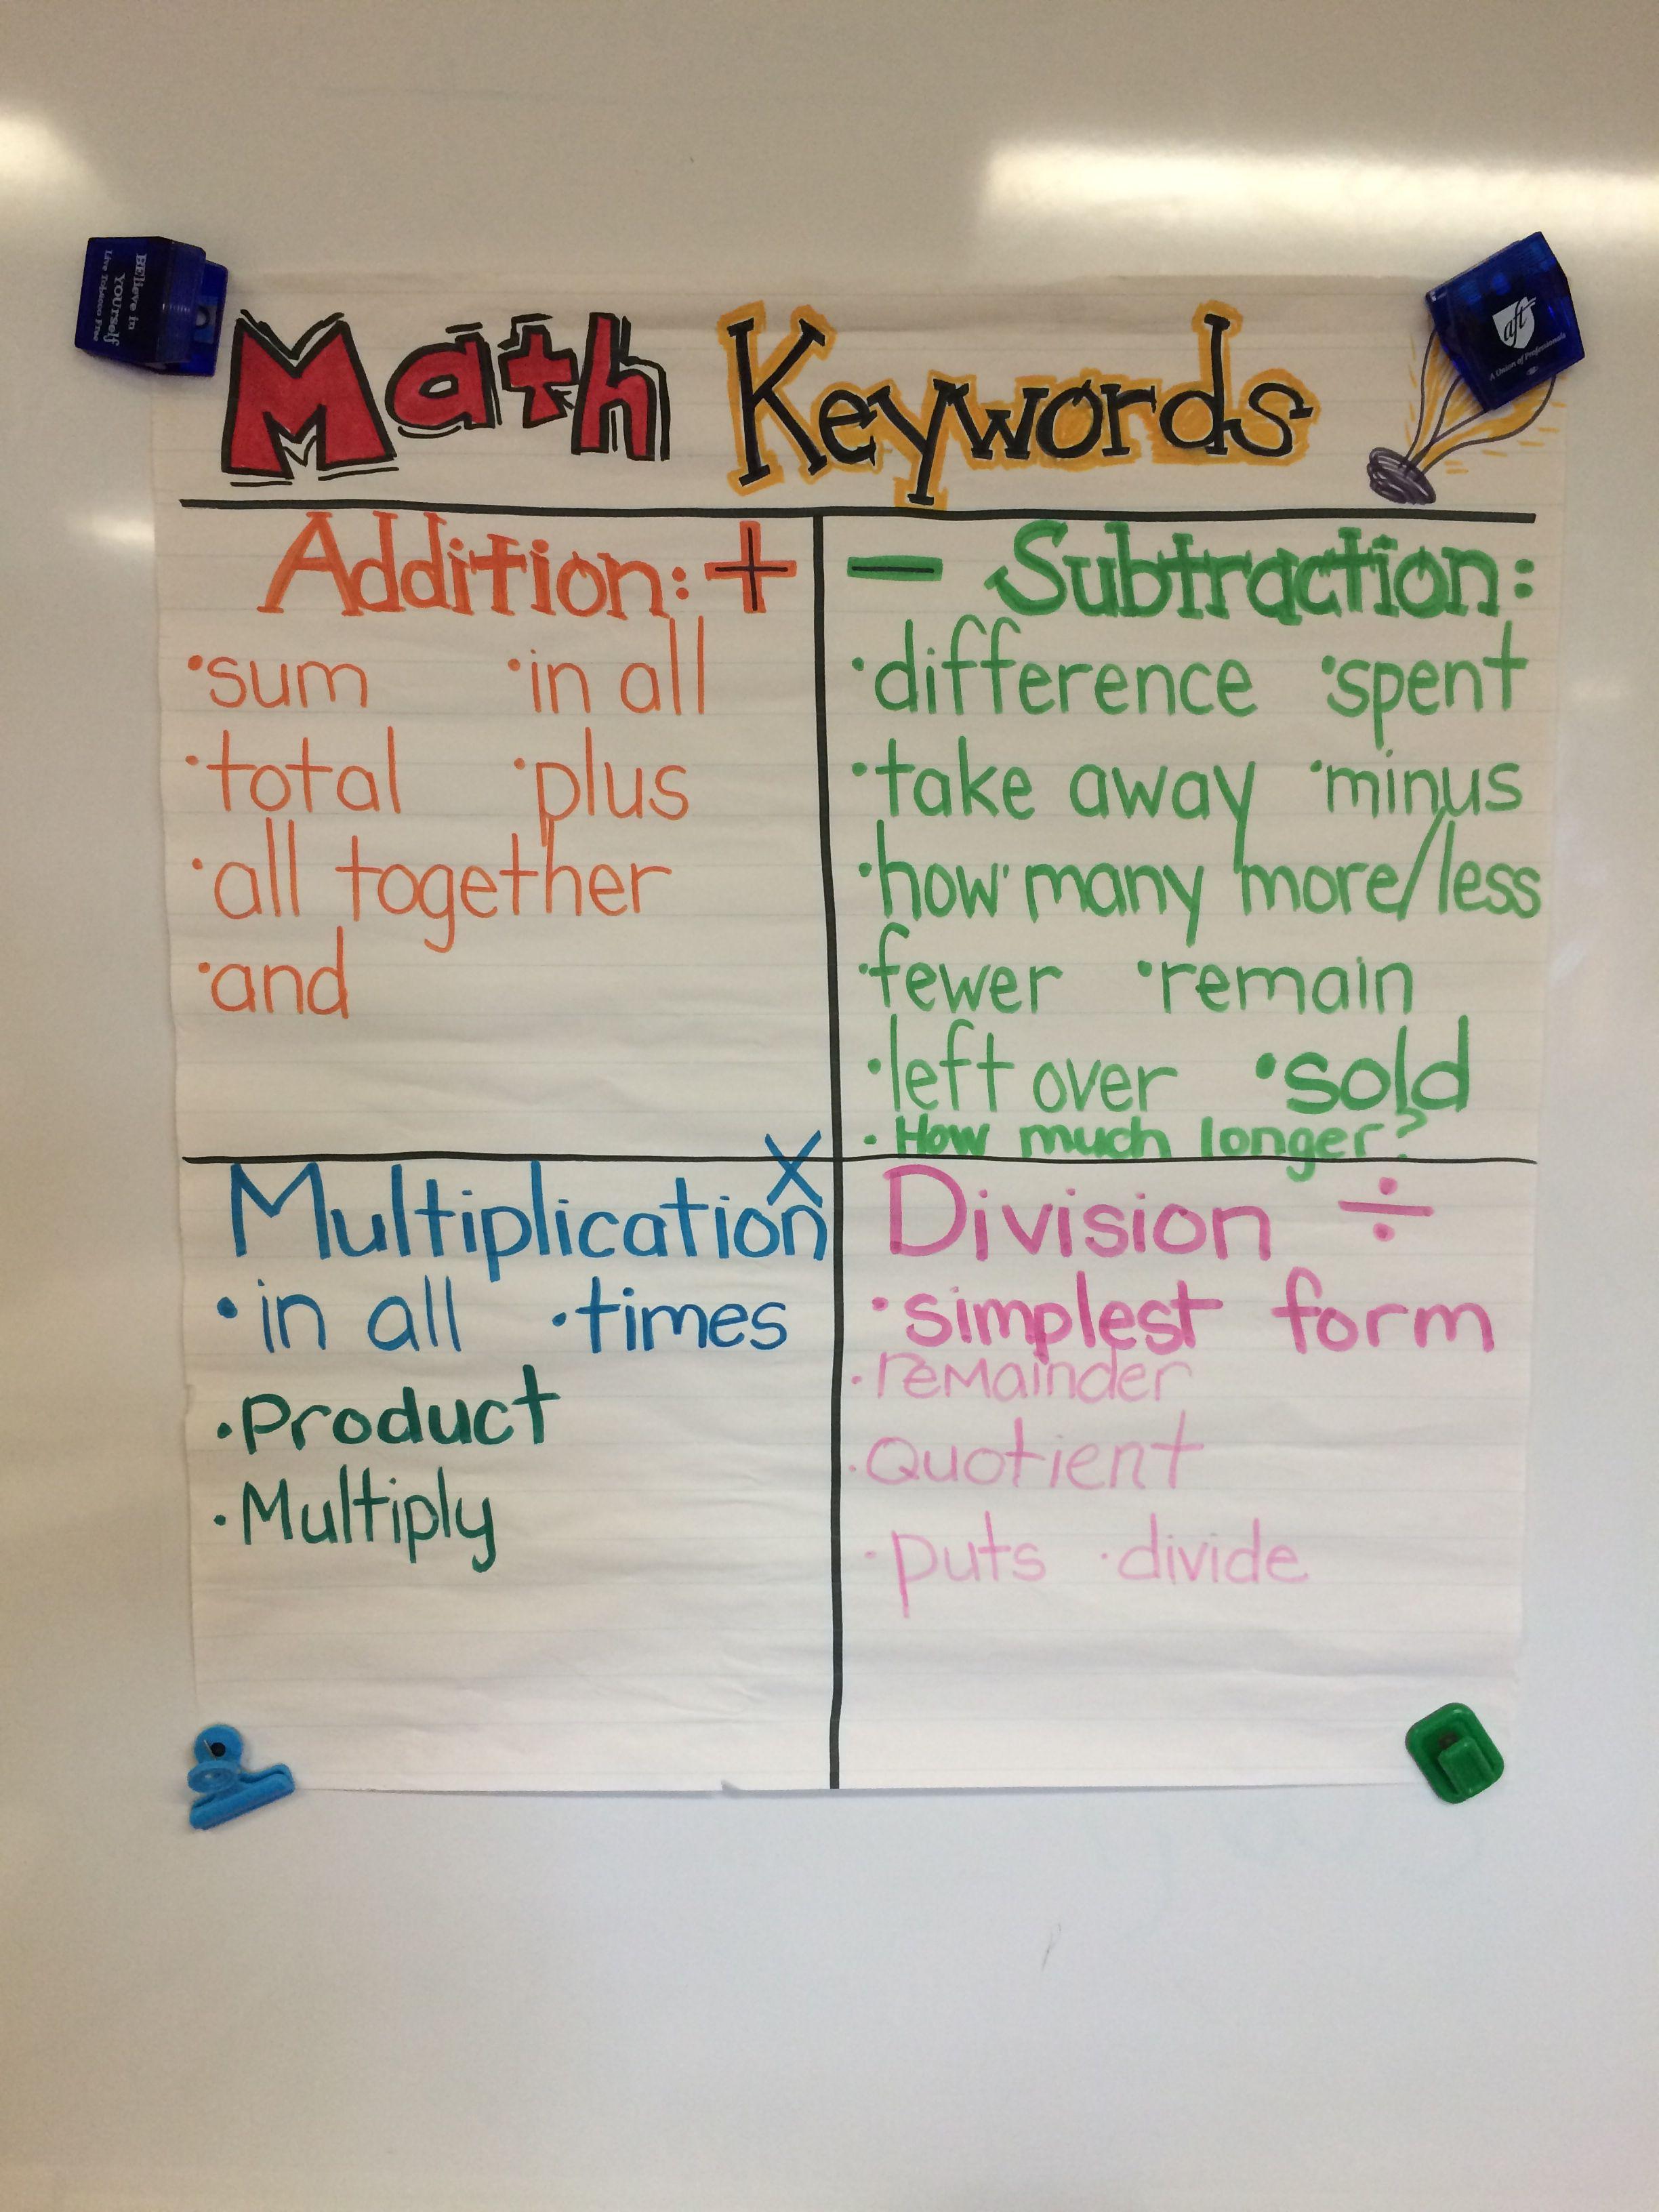 Math key words | Math key words, Math, Simplest form